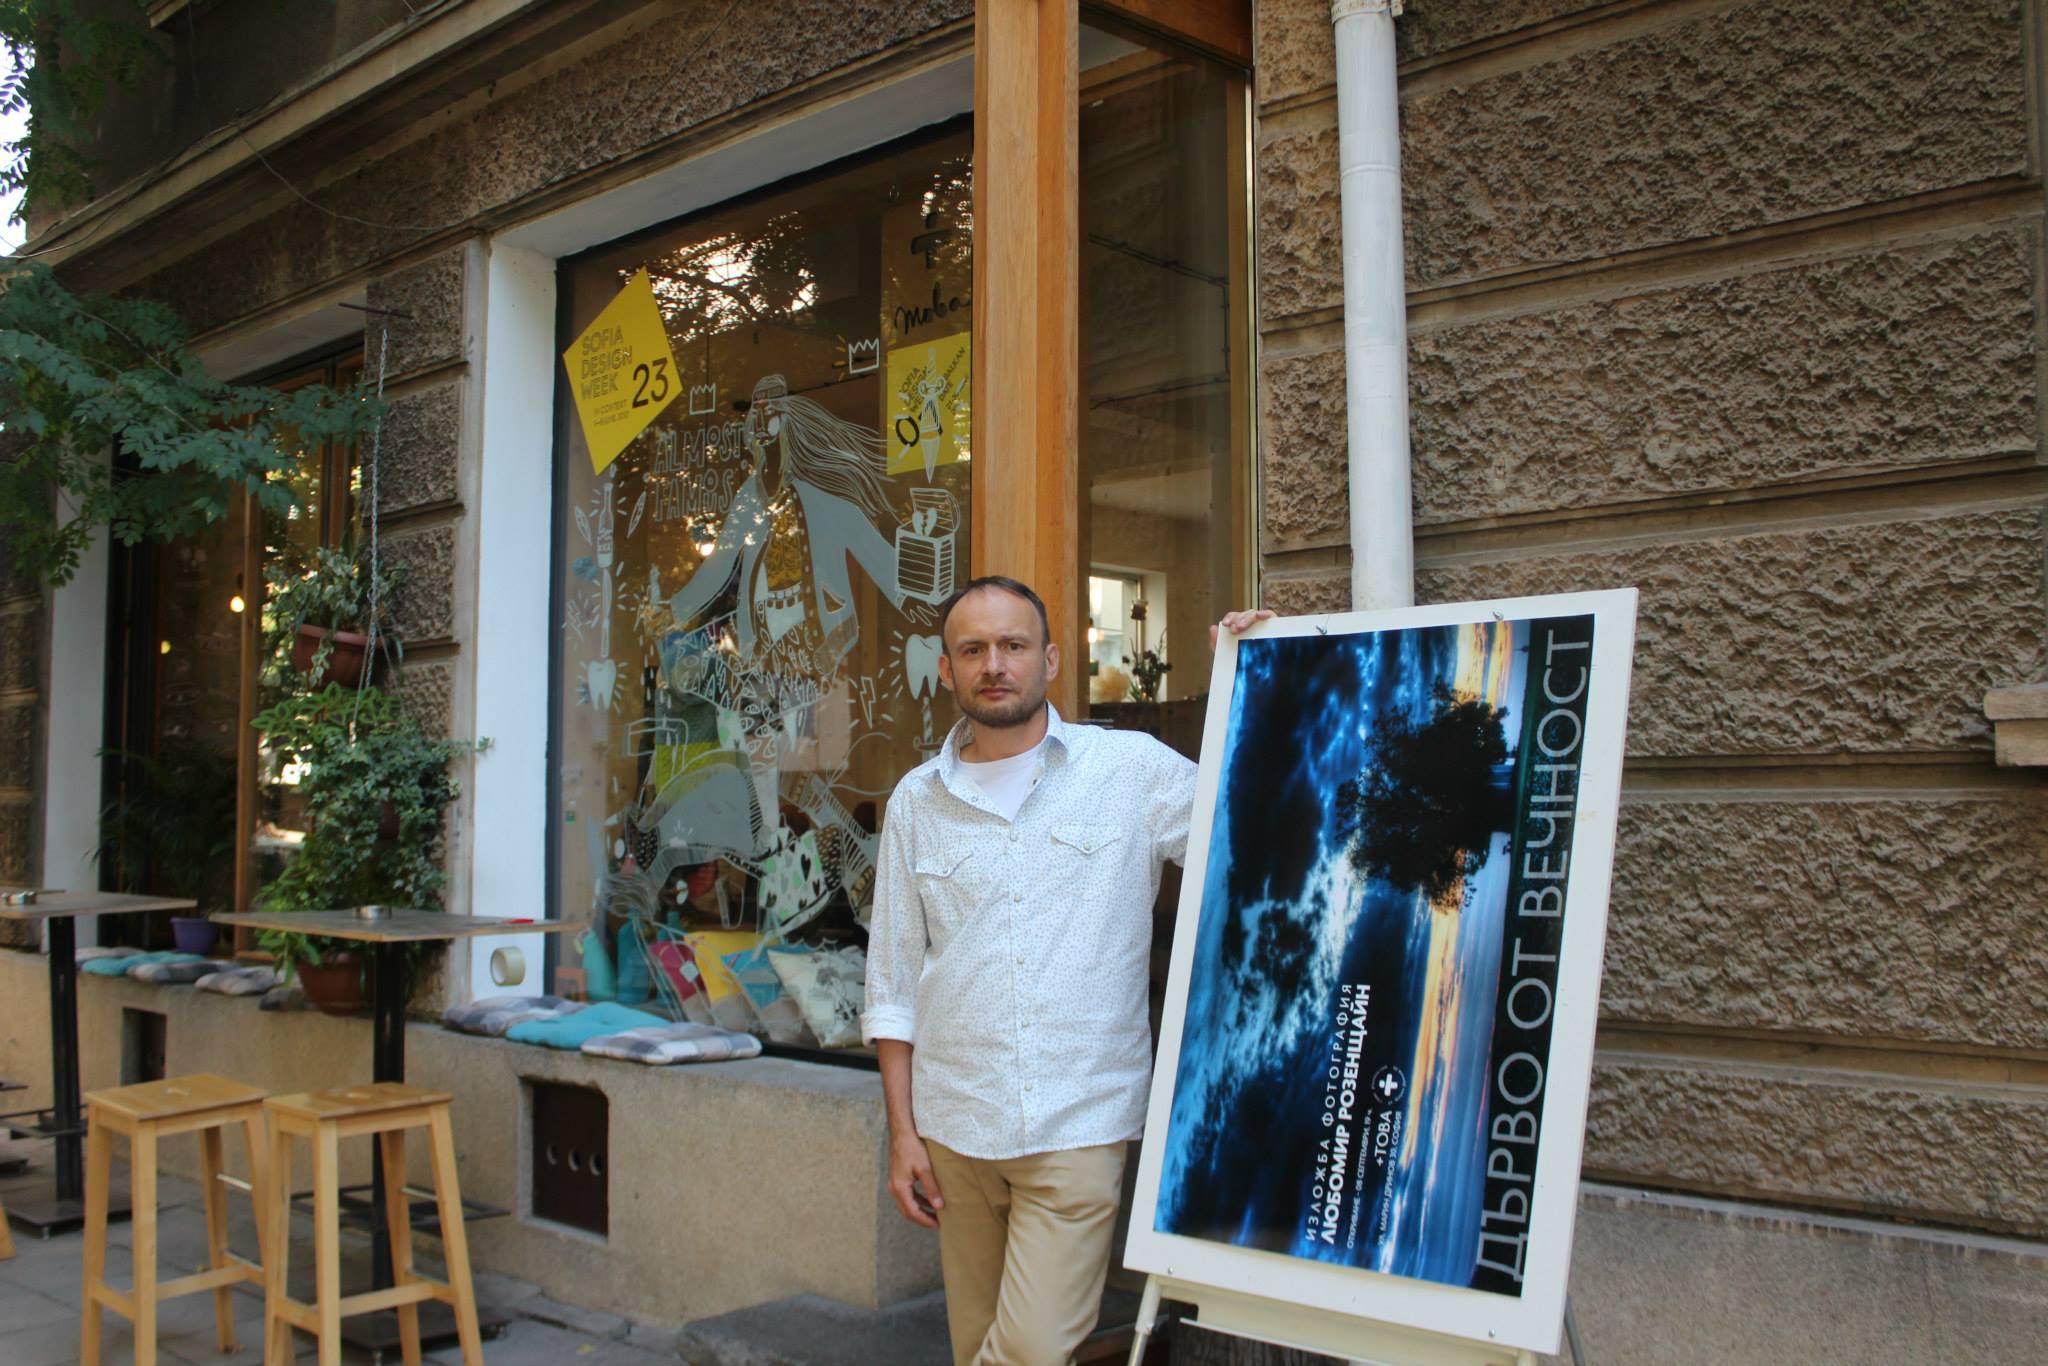 """Откриване на изложбата """"Дърво от вечност"""" — в компанията на Любомир Розенщайн в/във + това"""